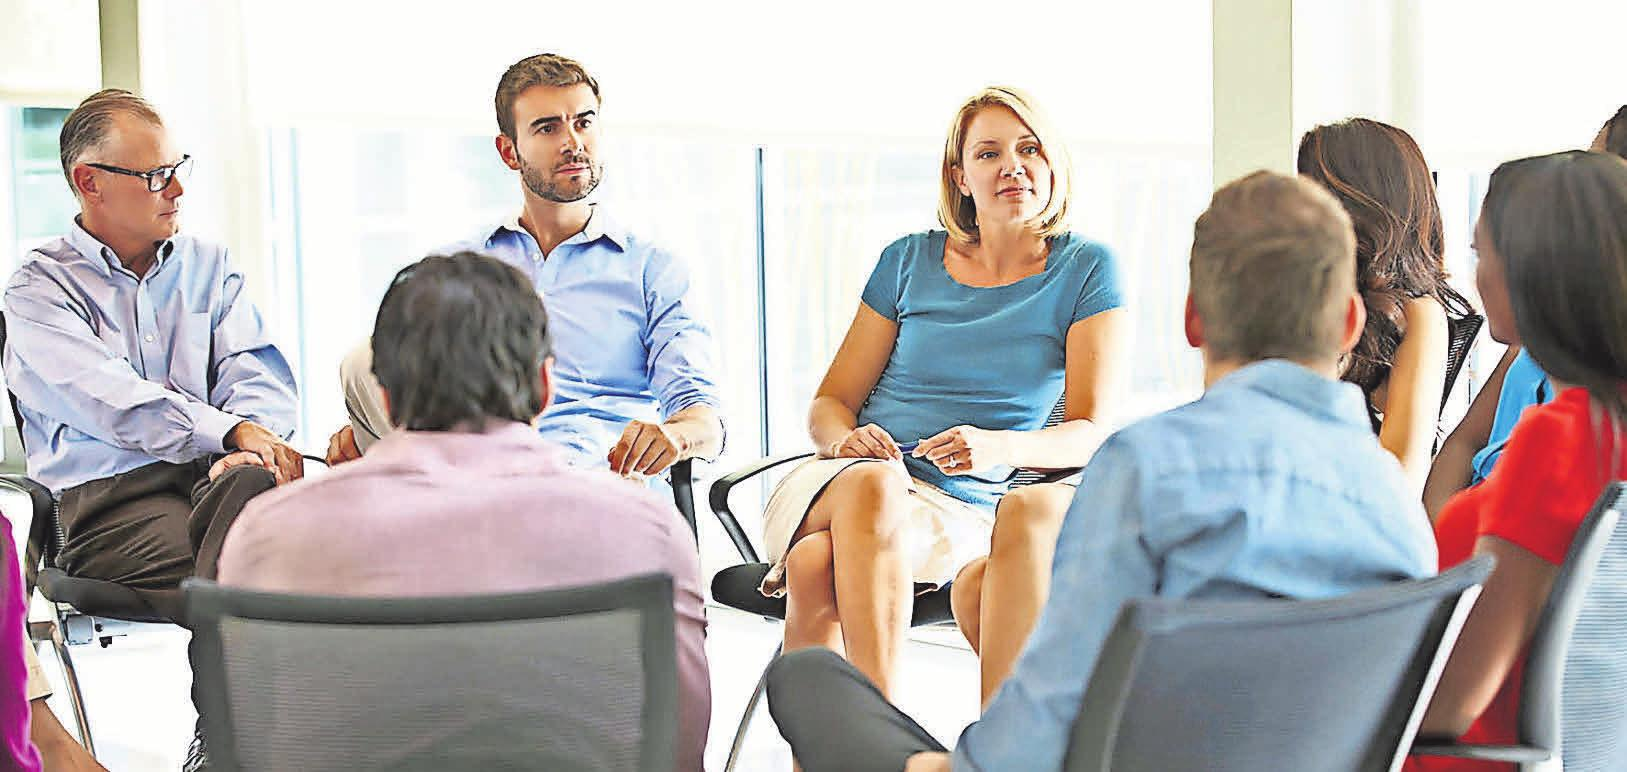 Ob im Meeting oder am Schreibtisch - Büroarbeit ist meist Sitzarbeit. FOTO: DJD/OFA BAMBERG/THX